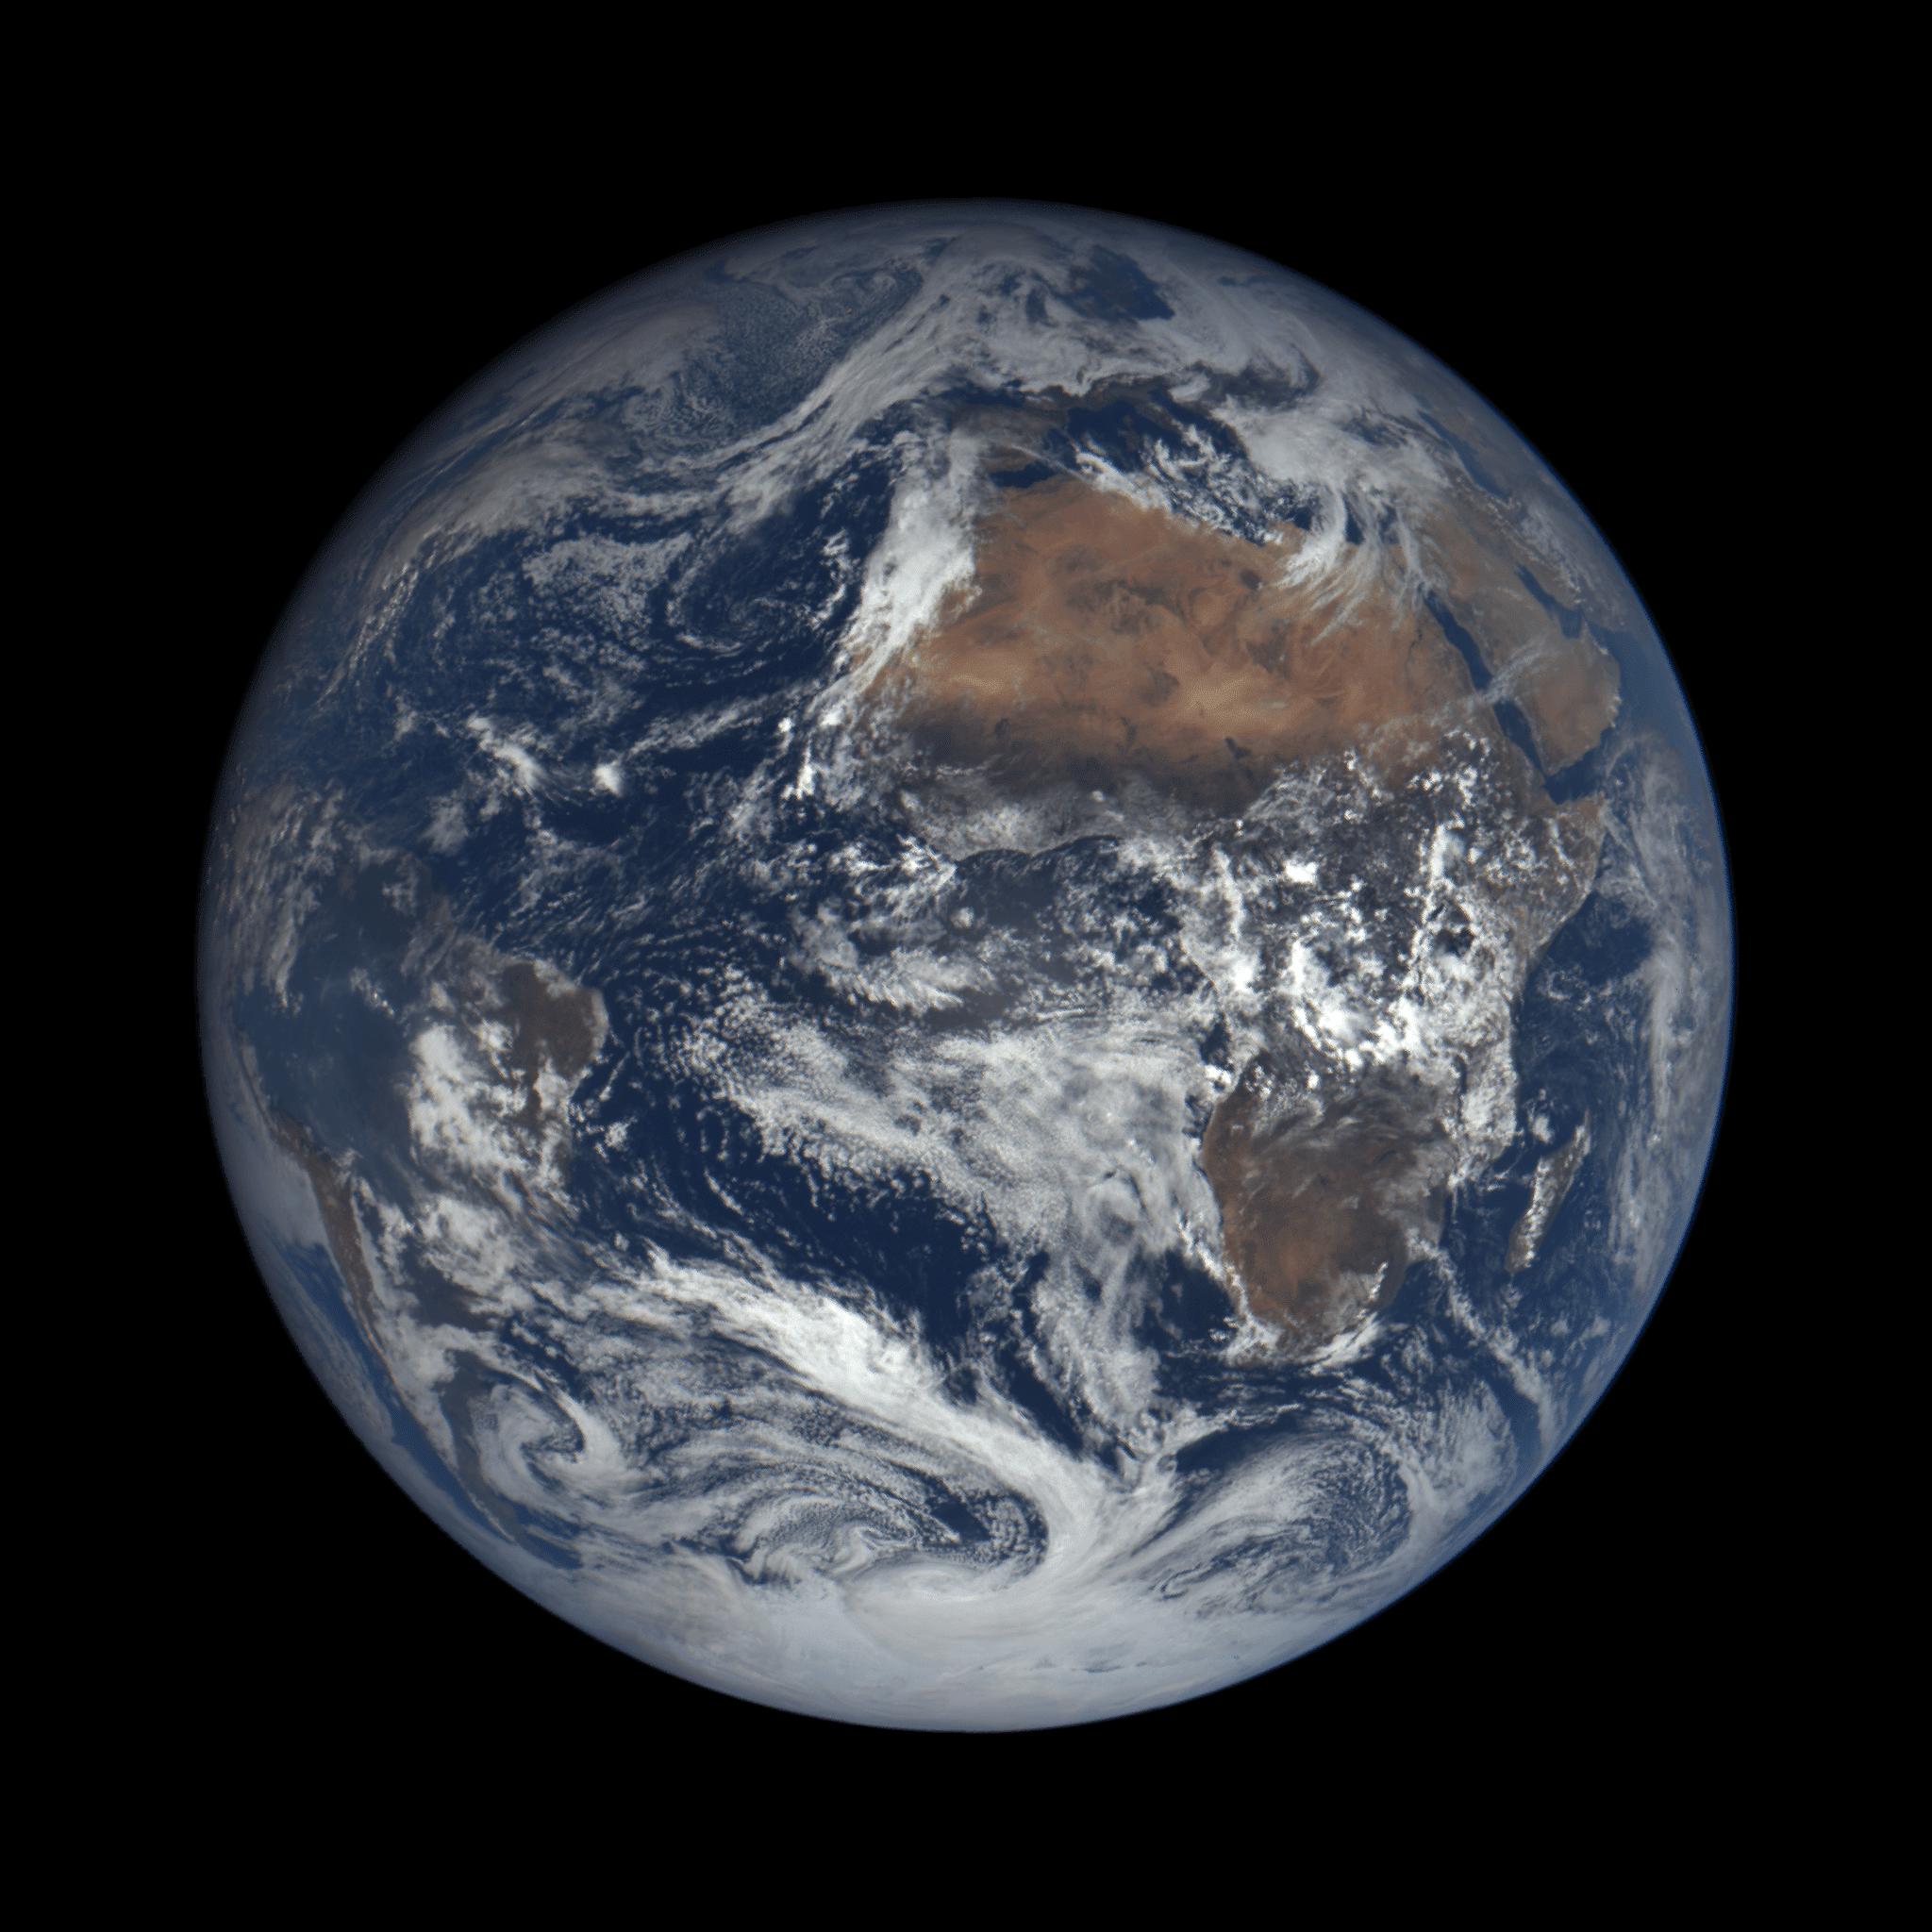 La Tierra vista por los extraterrestres… ¿sería habitable?